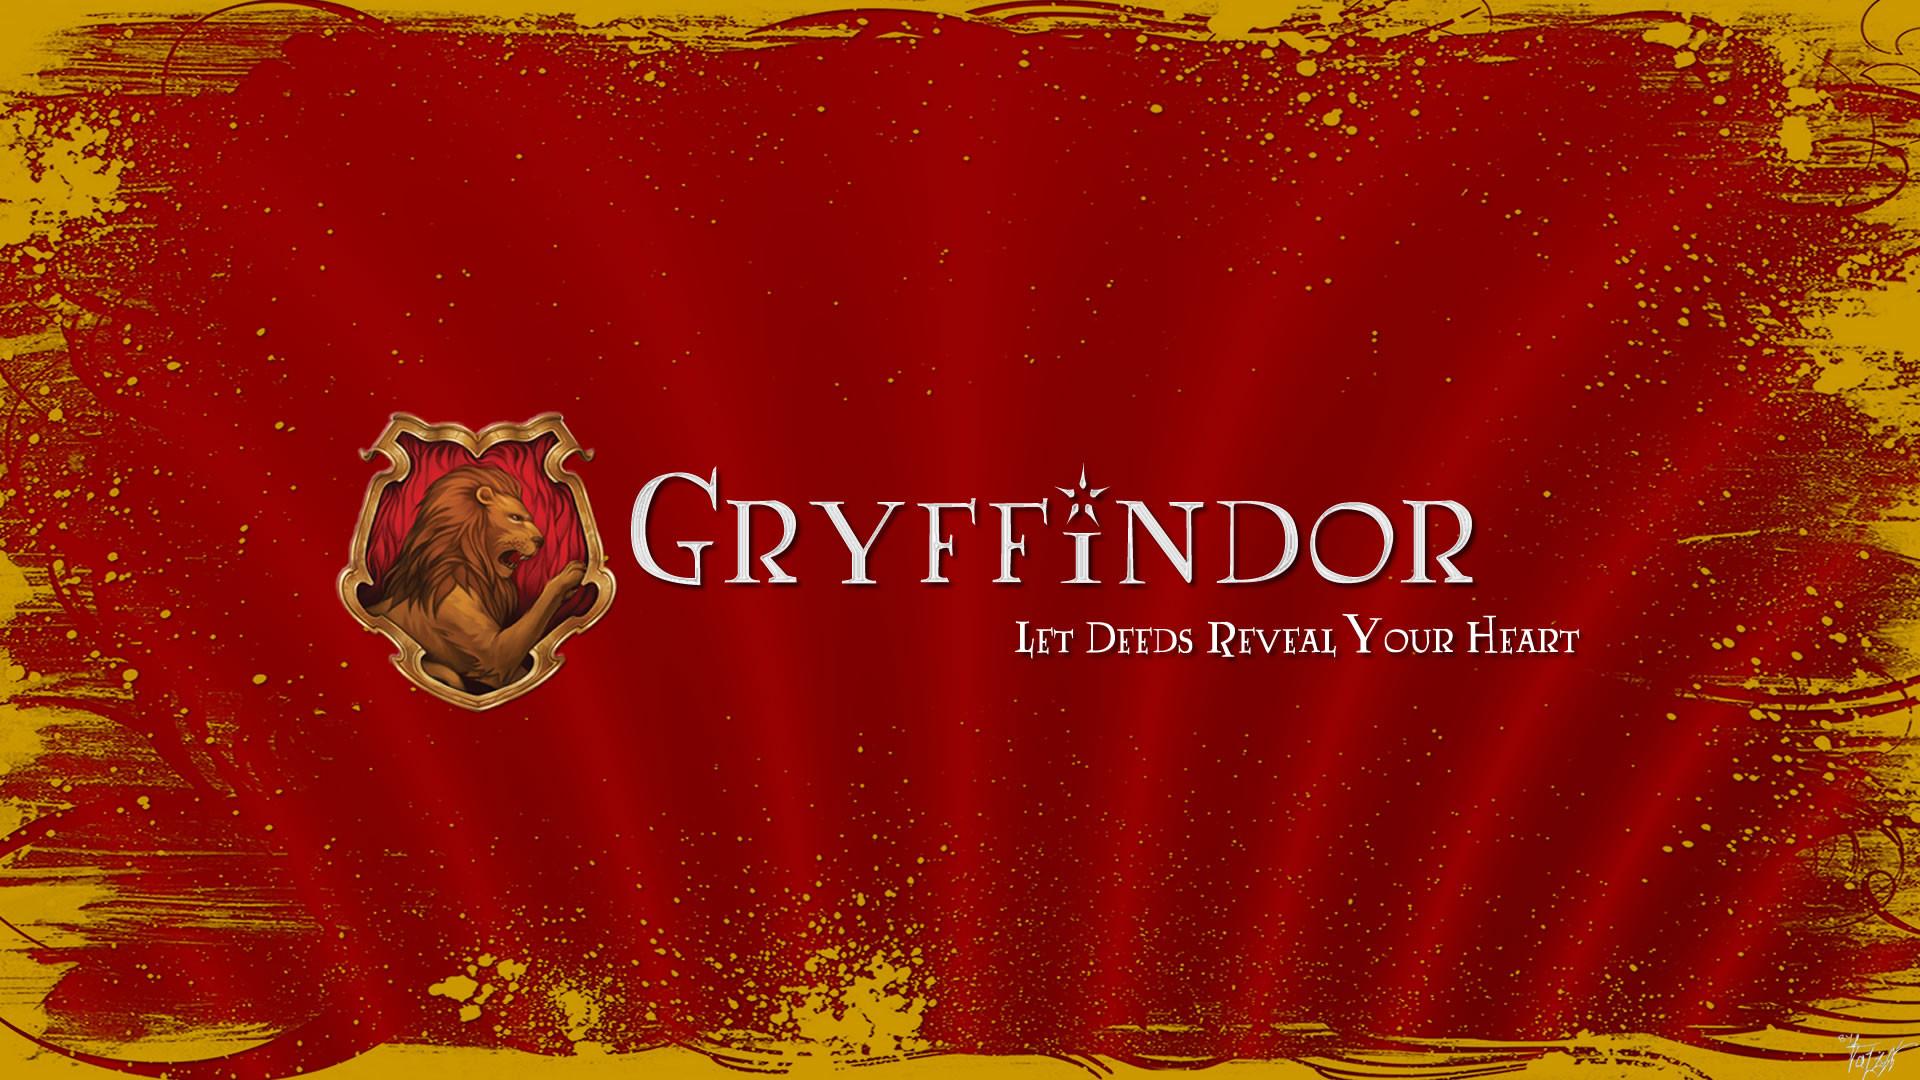 Hogwarts Gryffindor Wallpaper Data Src Gryffindor Wallpaper Hd 1920x1080 Wallpaper Teahub Io